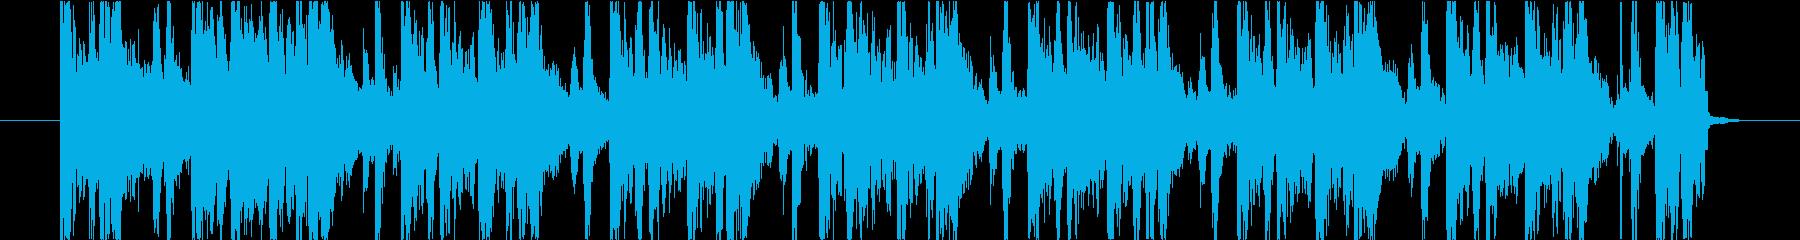 15秒CM向け!アガる!ノリノリサウンドの再生済みの波形